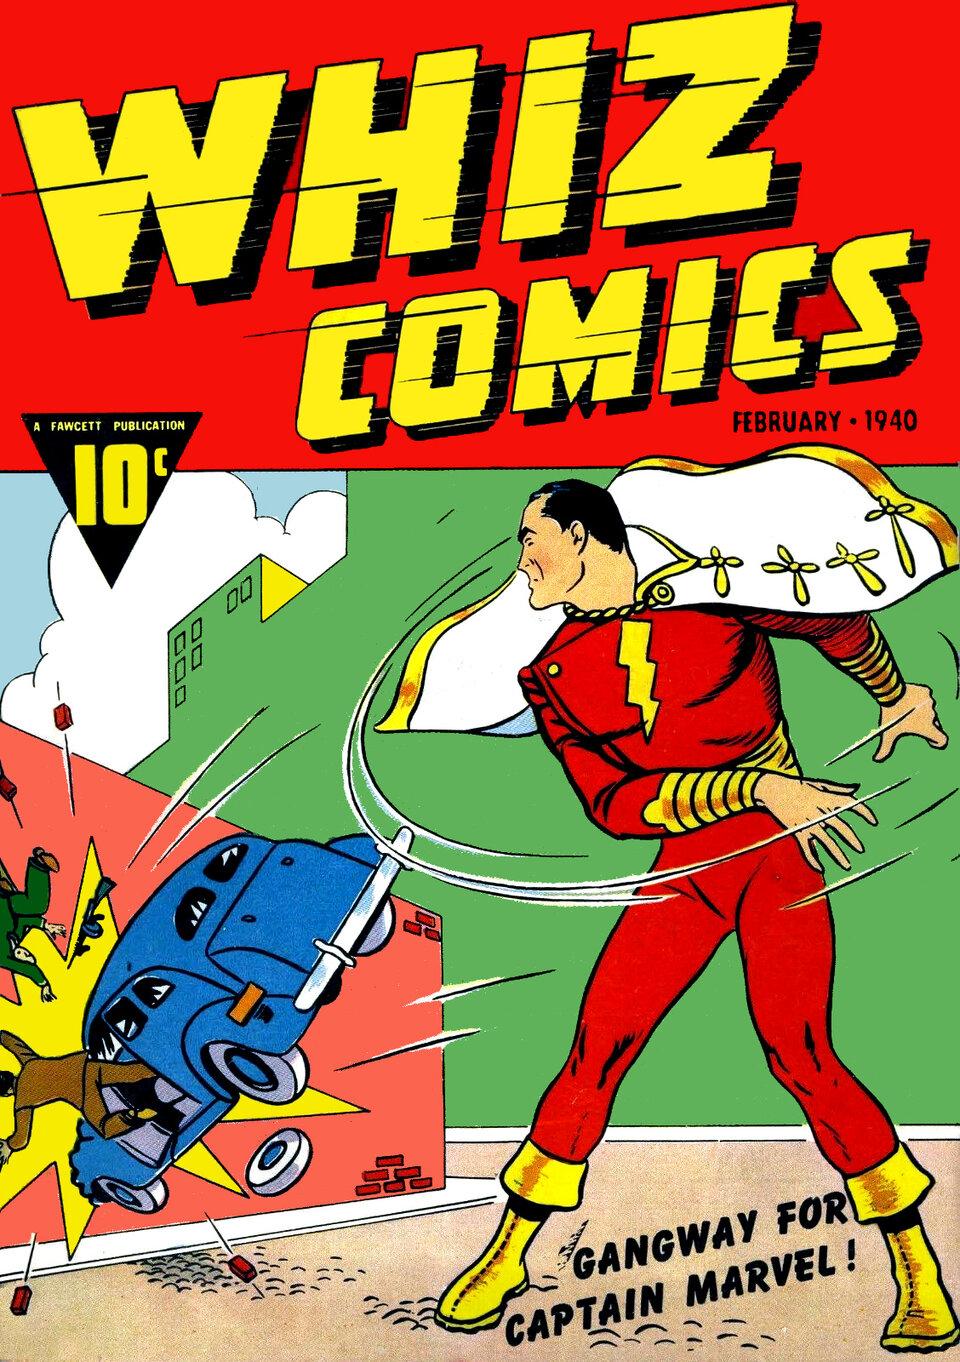 Обложка комикса, в котором впервые появляется Капитан Марвел.